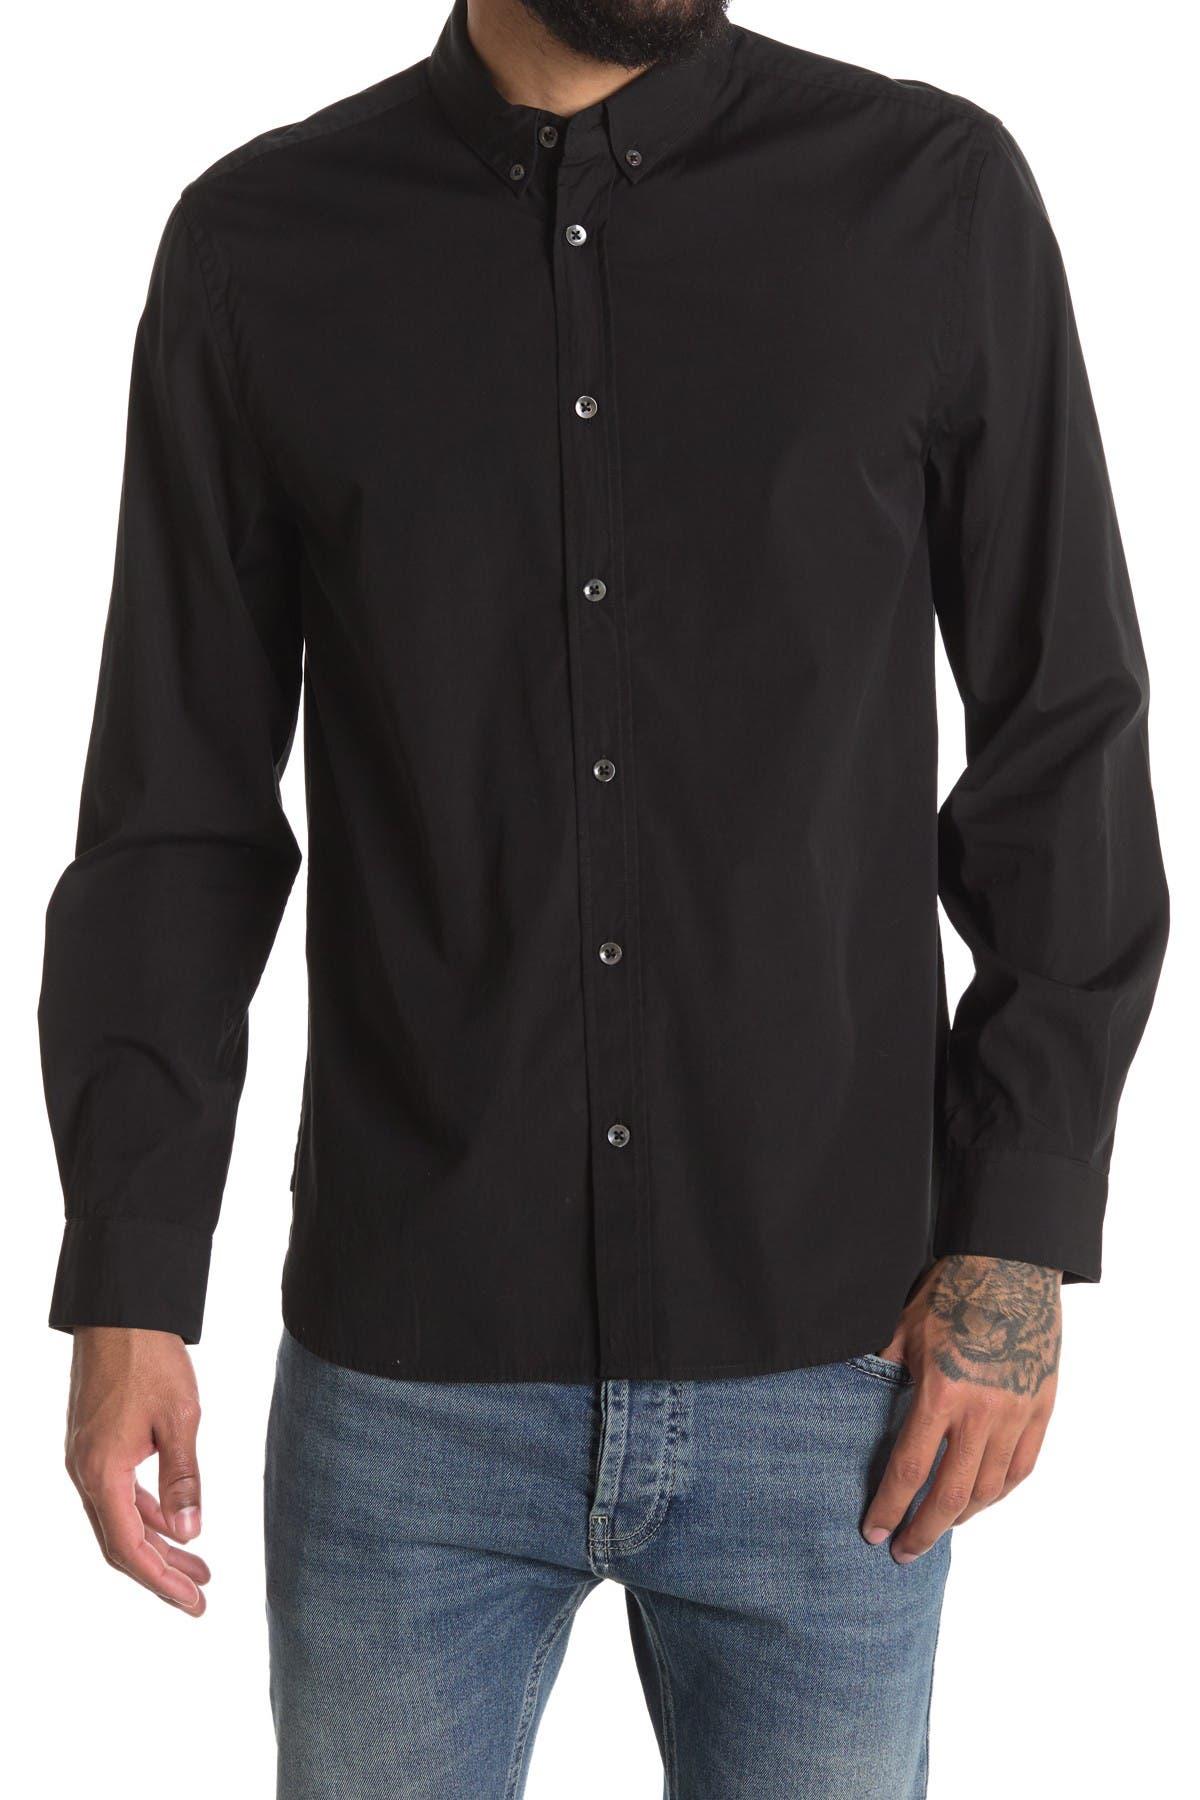 Image of BALDWIN Standard Slim Fit Shirt